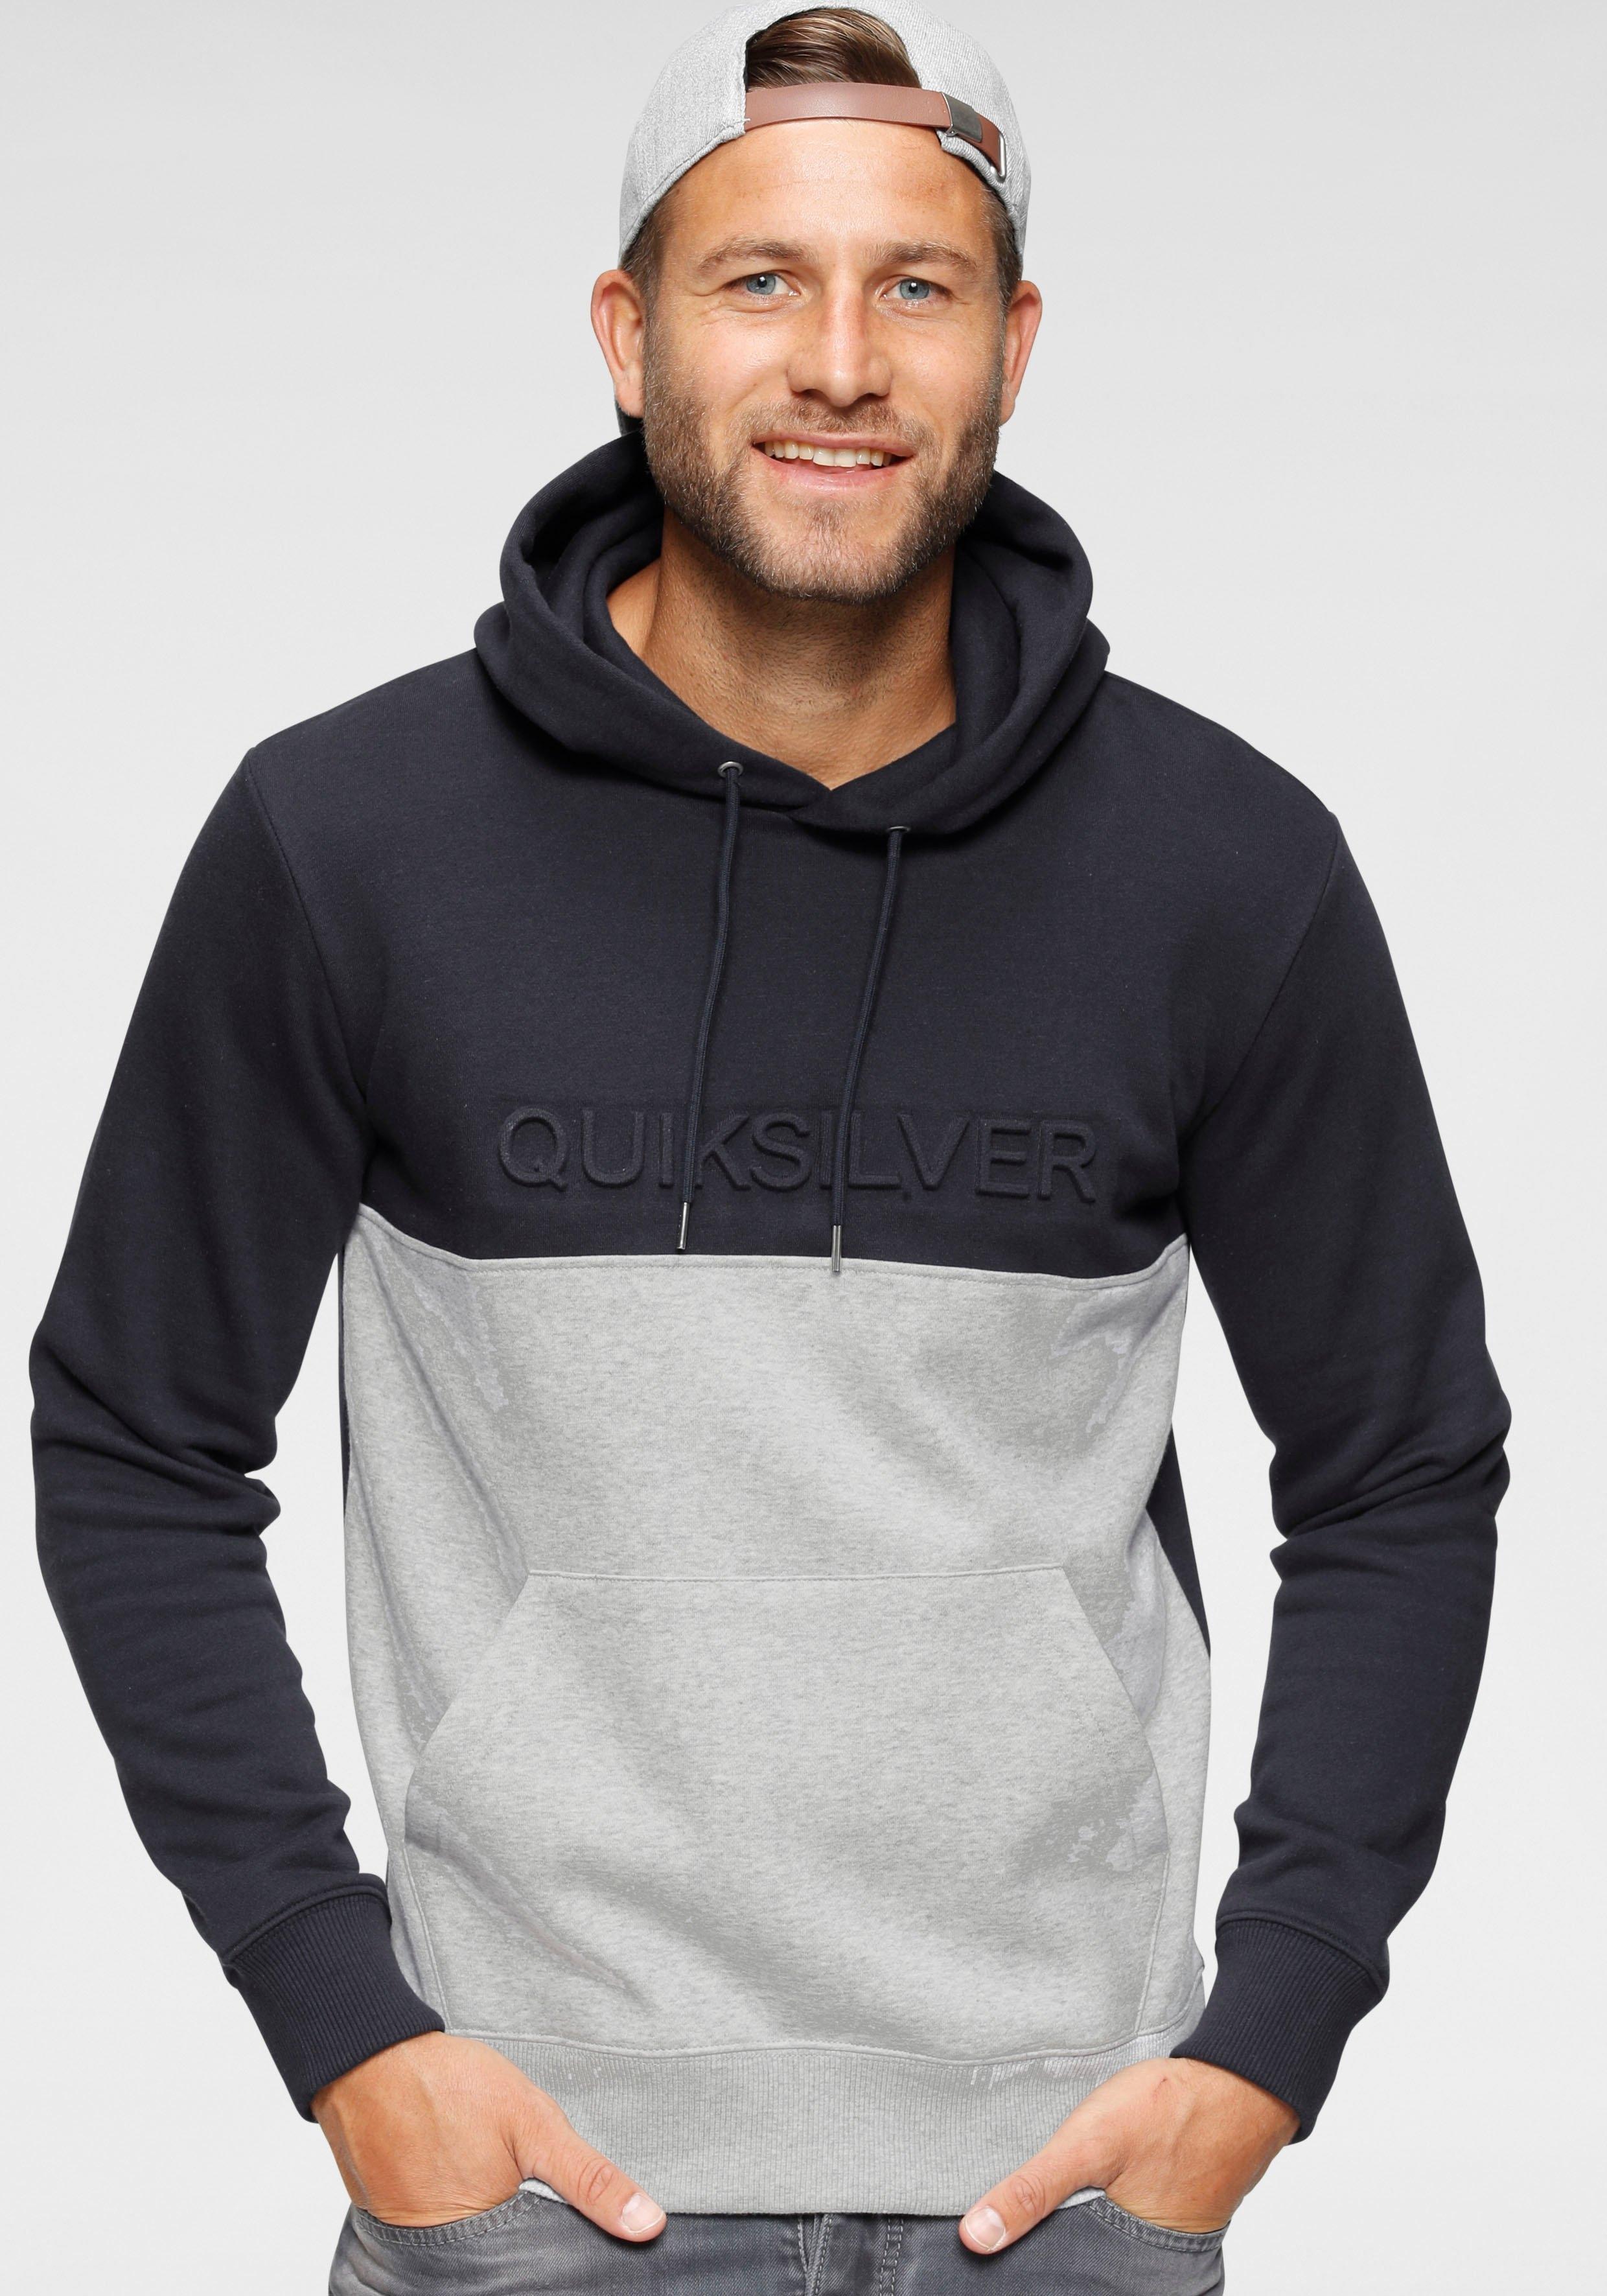 Quiksilver hoodie nu online bestellen